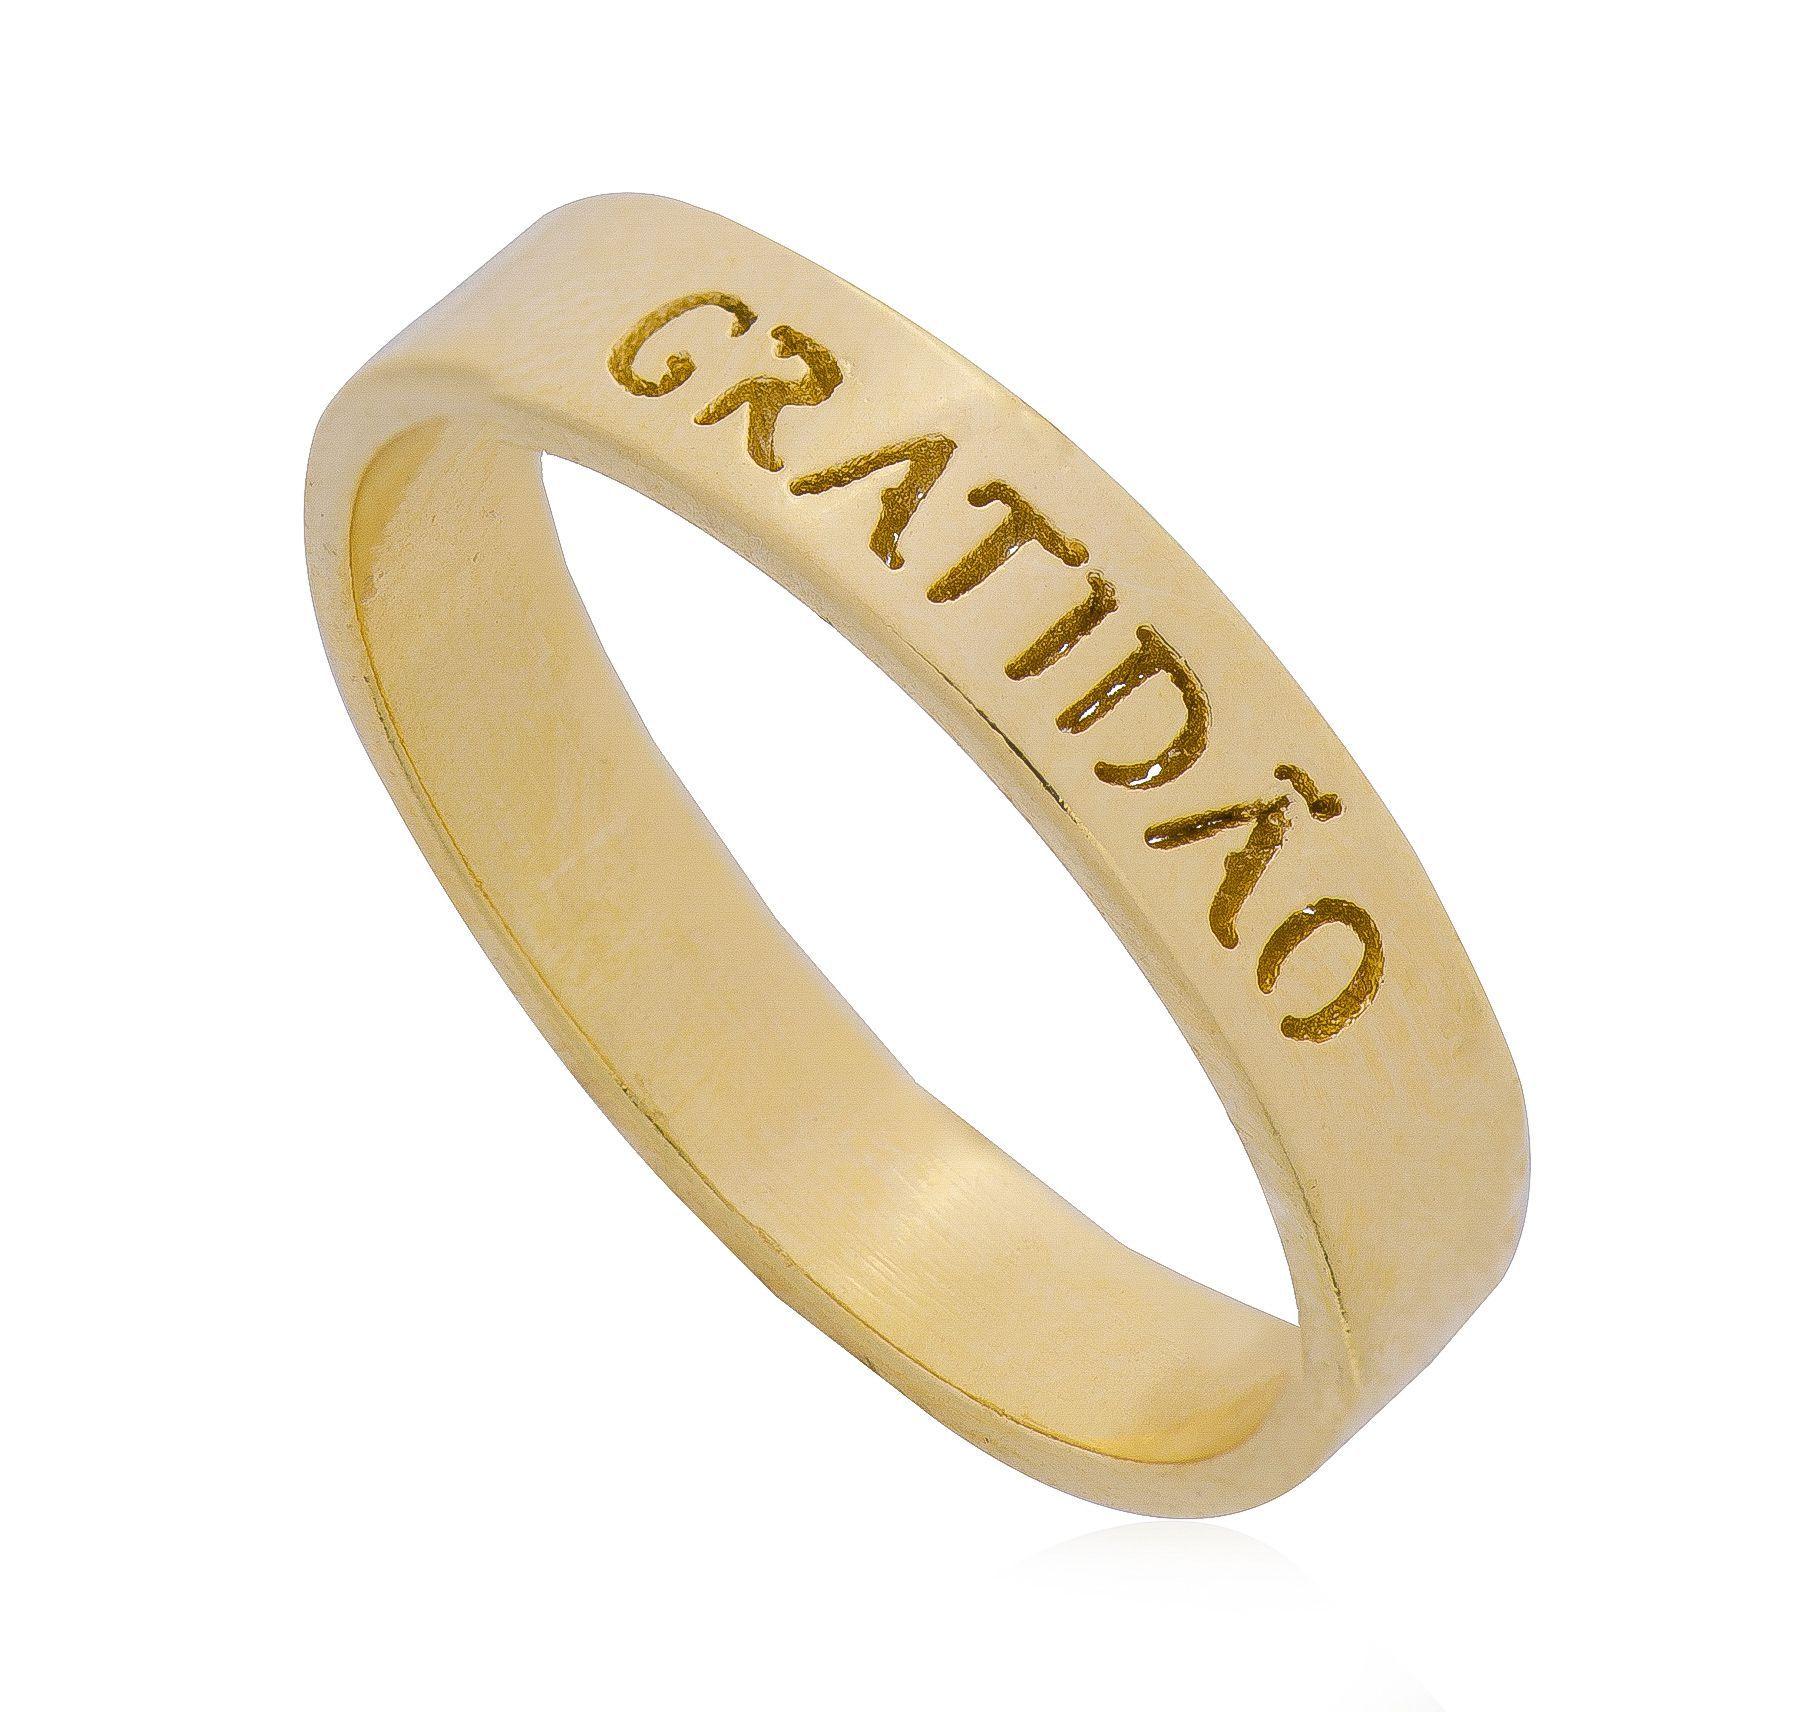 Anel Gratidão Banho Ouro 18k - Giro Semijoias